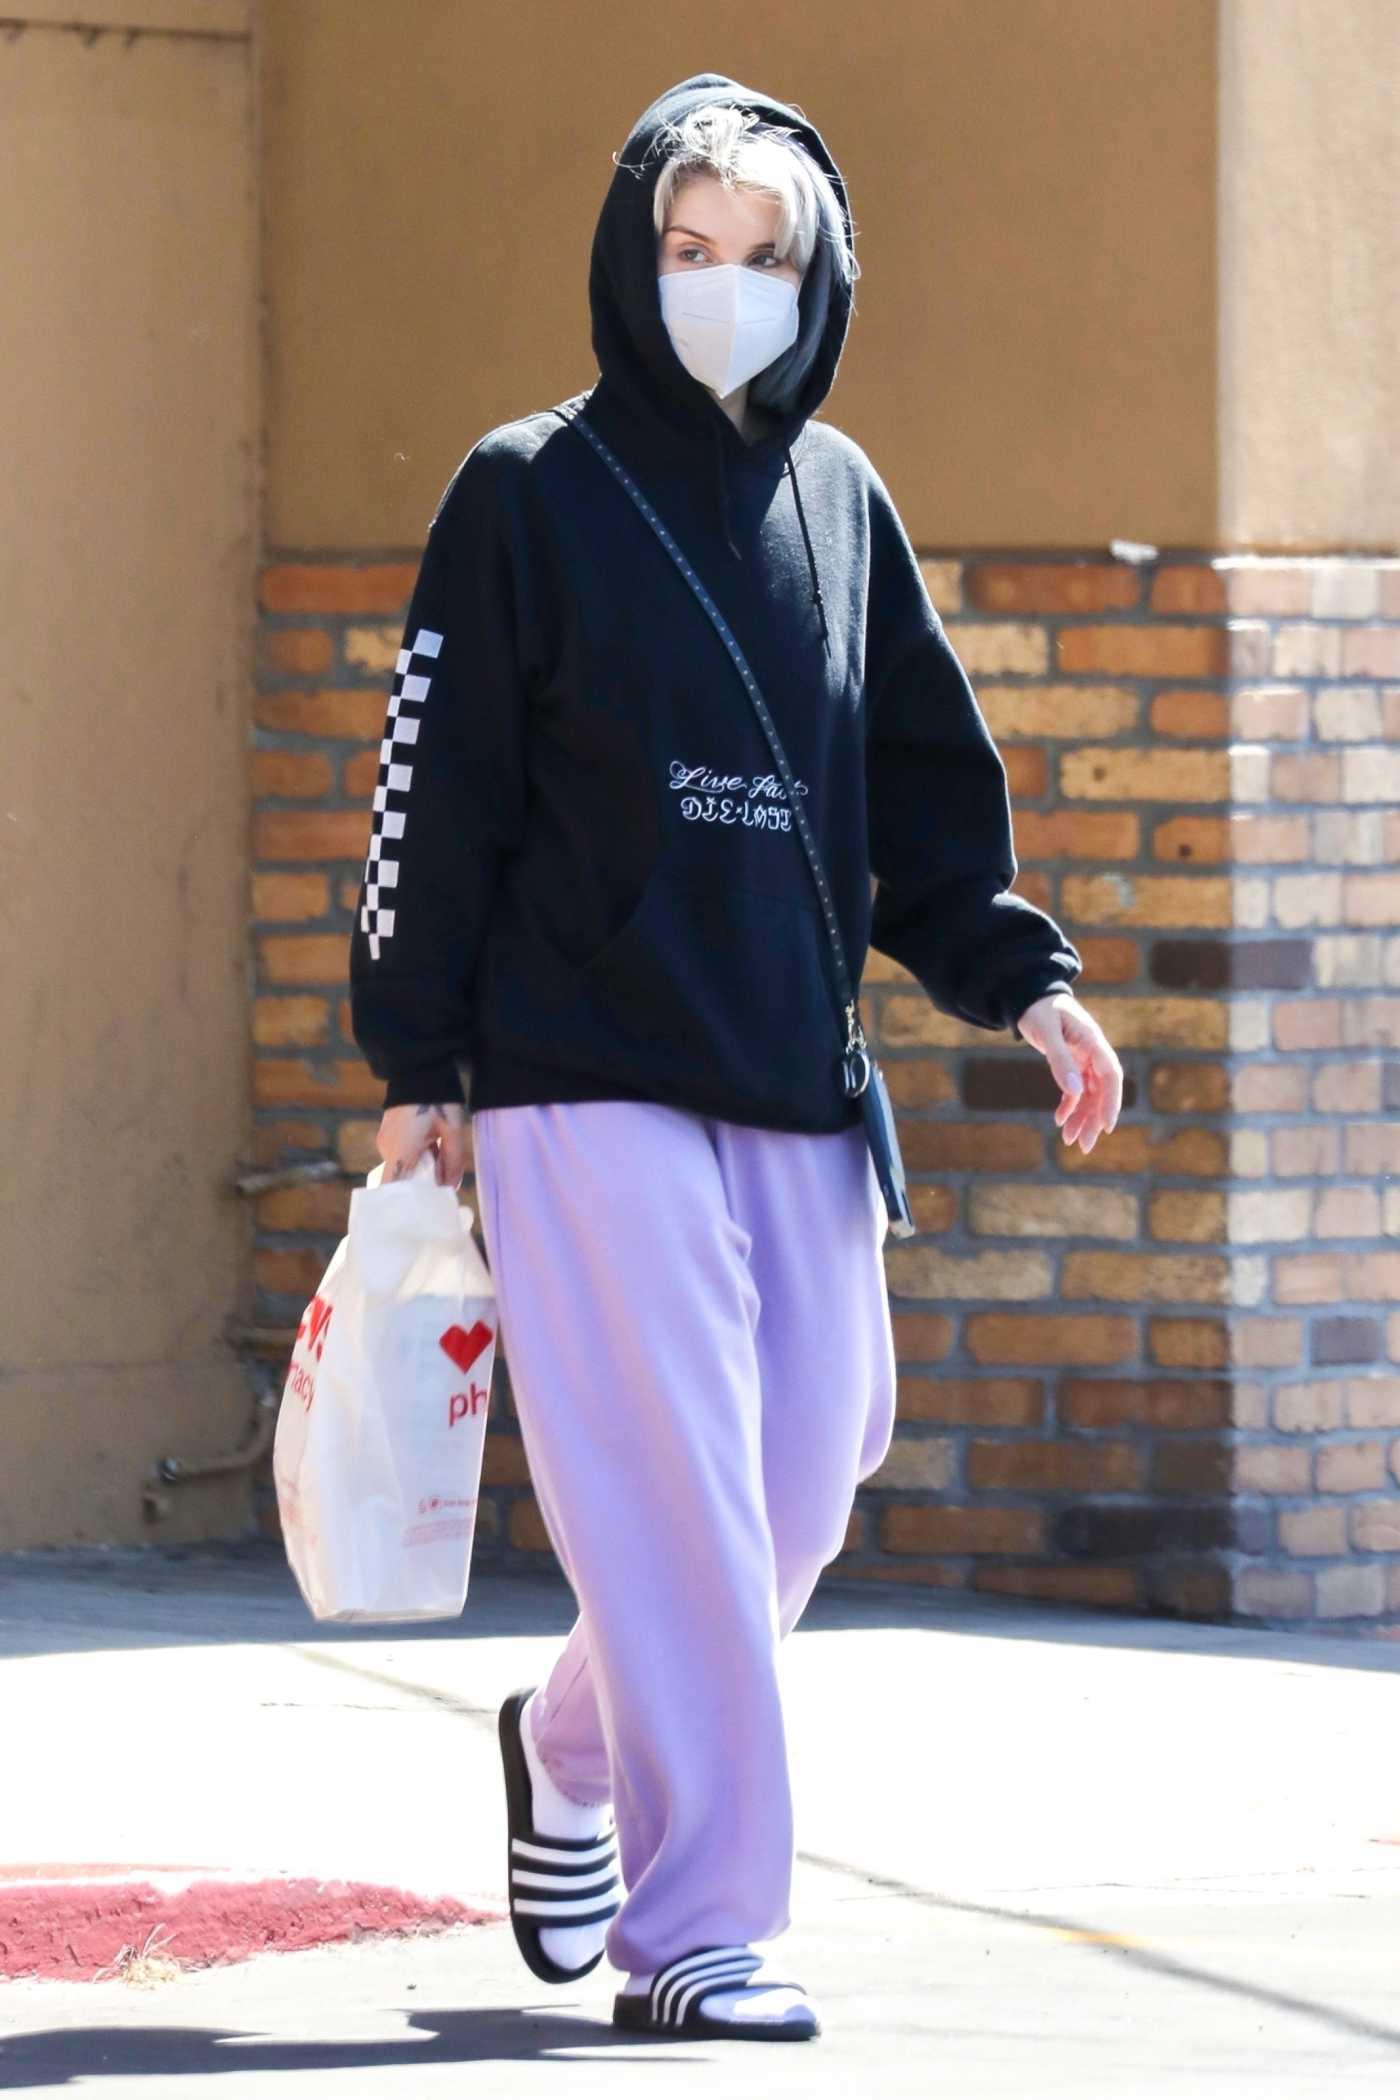 Kelly Osbourne in a Black Hoody Was Seen Out in Los Angeles 07/06/2020